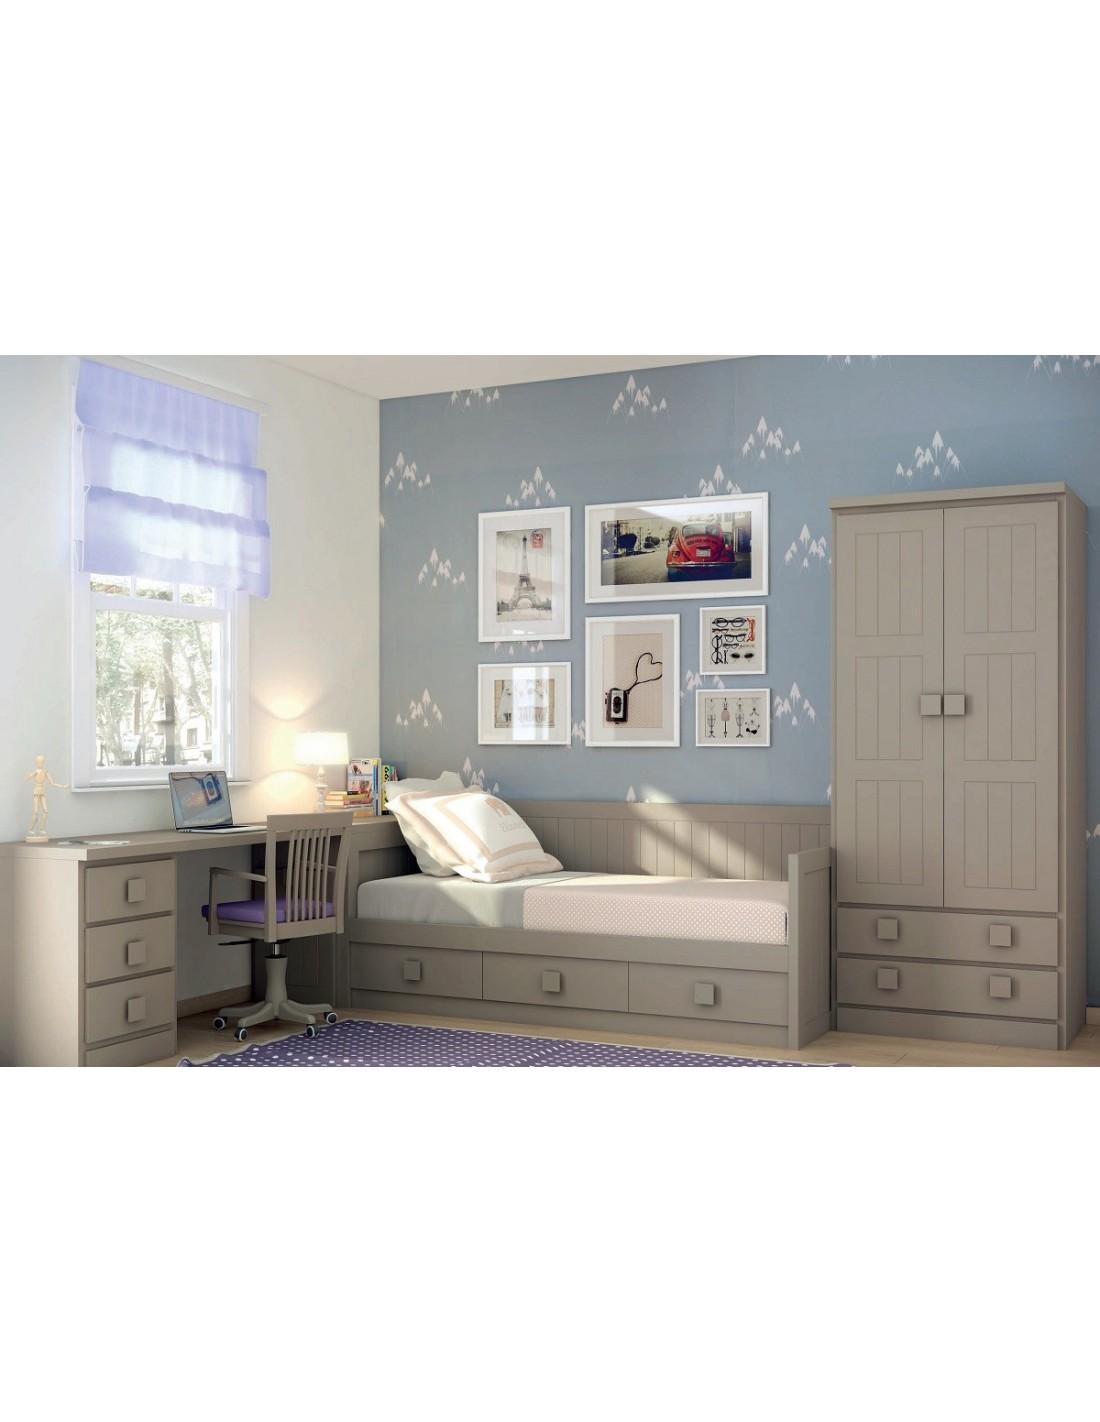 Comprar dormitorios juveniles para ni as y ni os tienda for Dormitorios juveniles cama nido doble